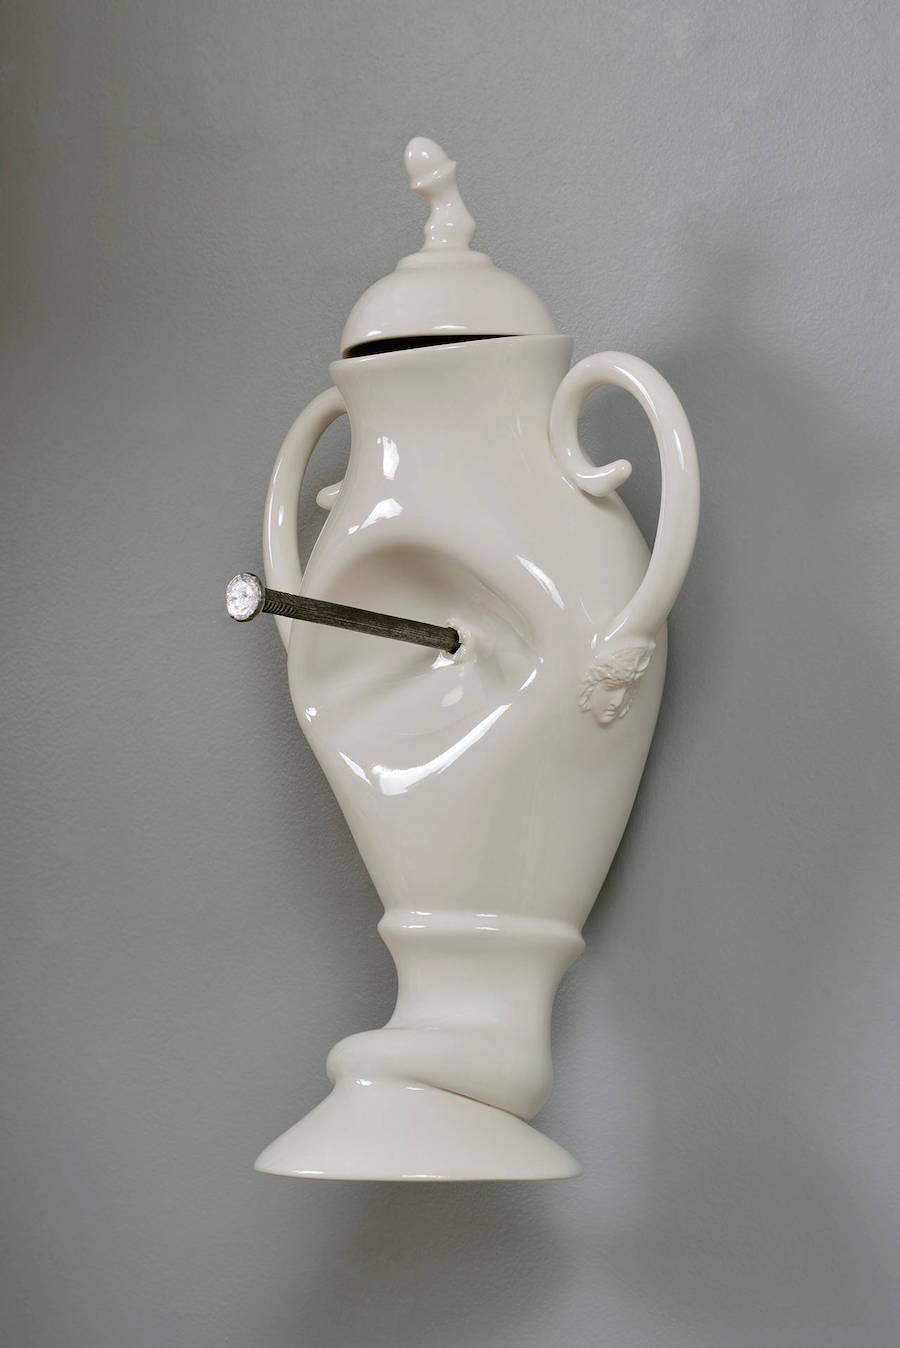 scultura-vasi-porcellana-incidenti-bizzarri-laurent-craste-05